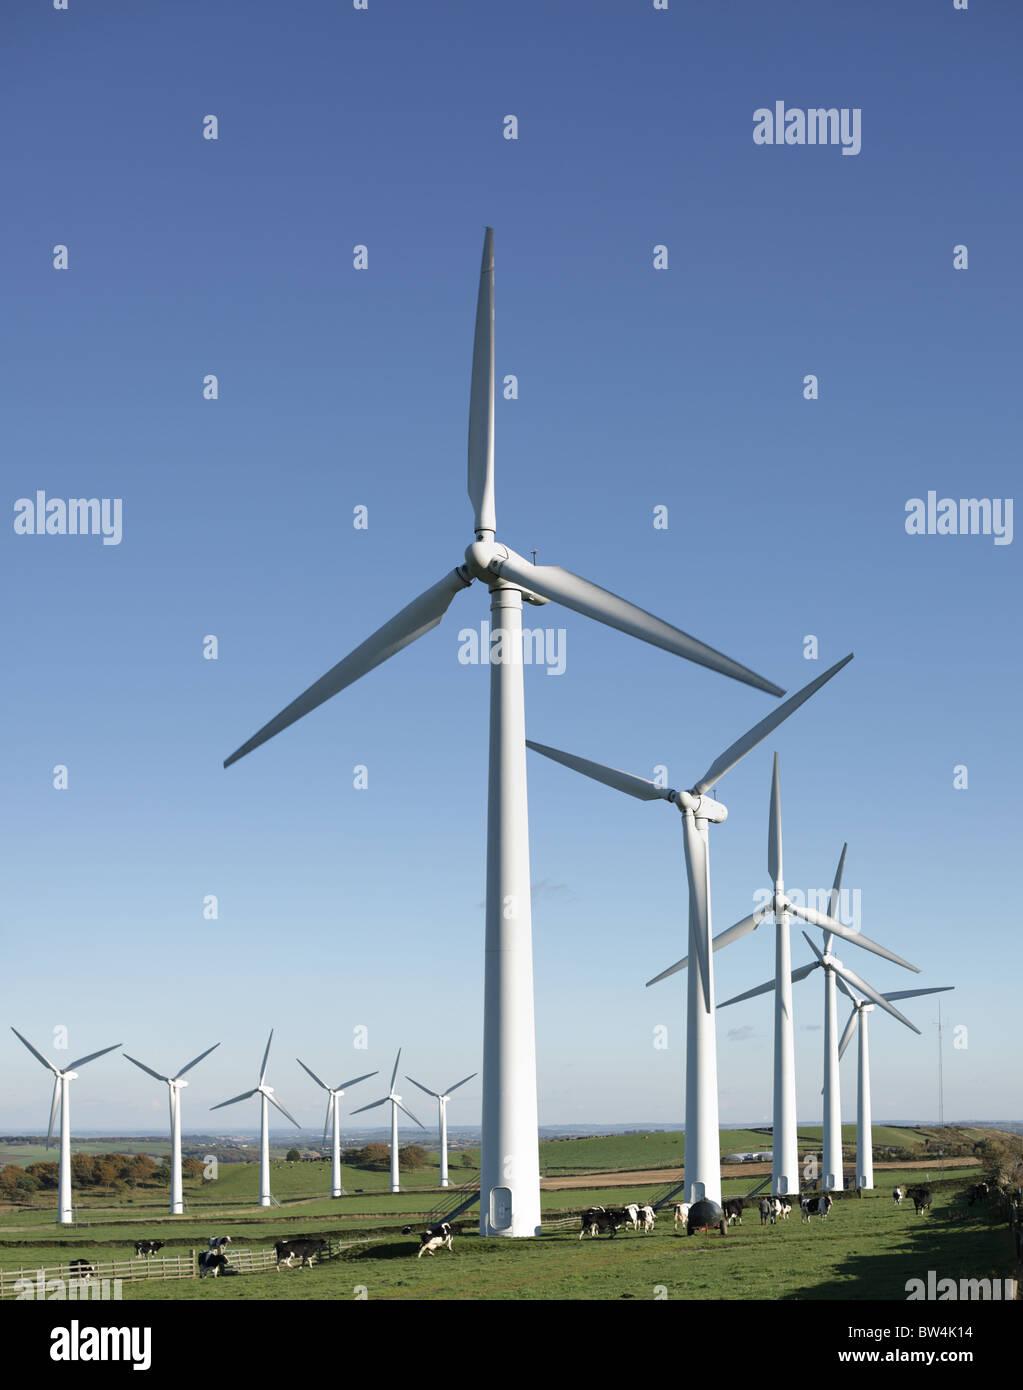 Éoliennes dans un parc d'éoliennes Photo Stock